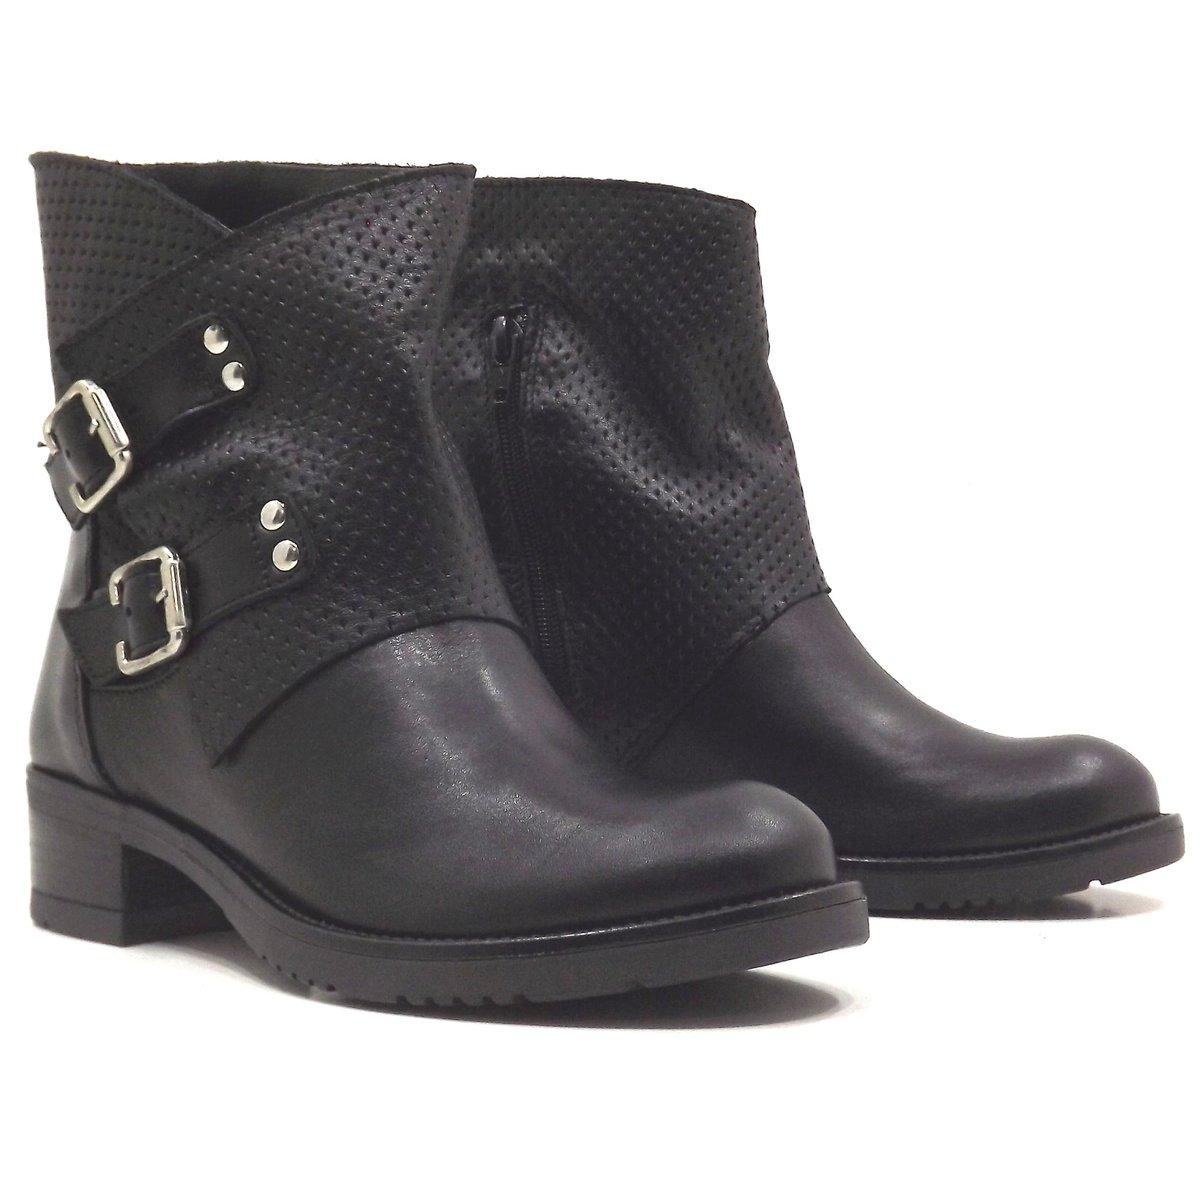 STIVALI STIVALETTI BIKER boots Donna VERA PELLE 37 38 39 40